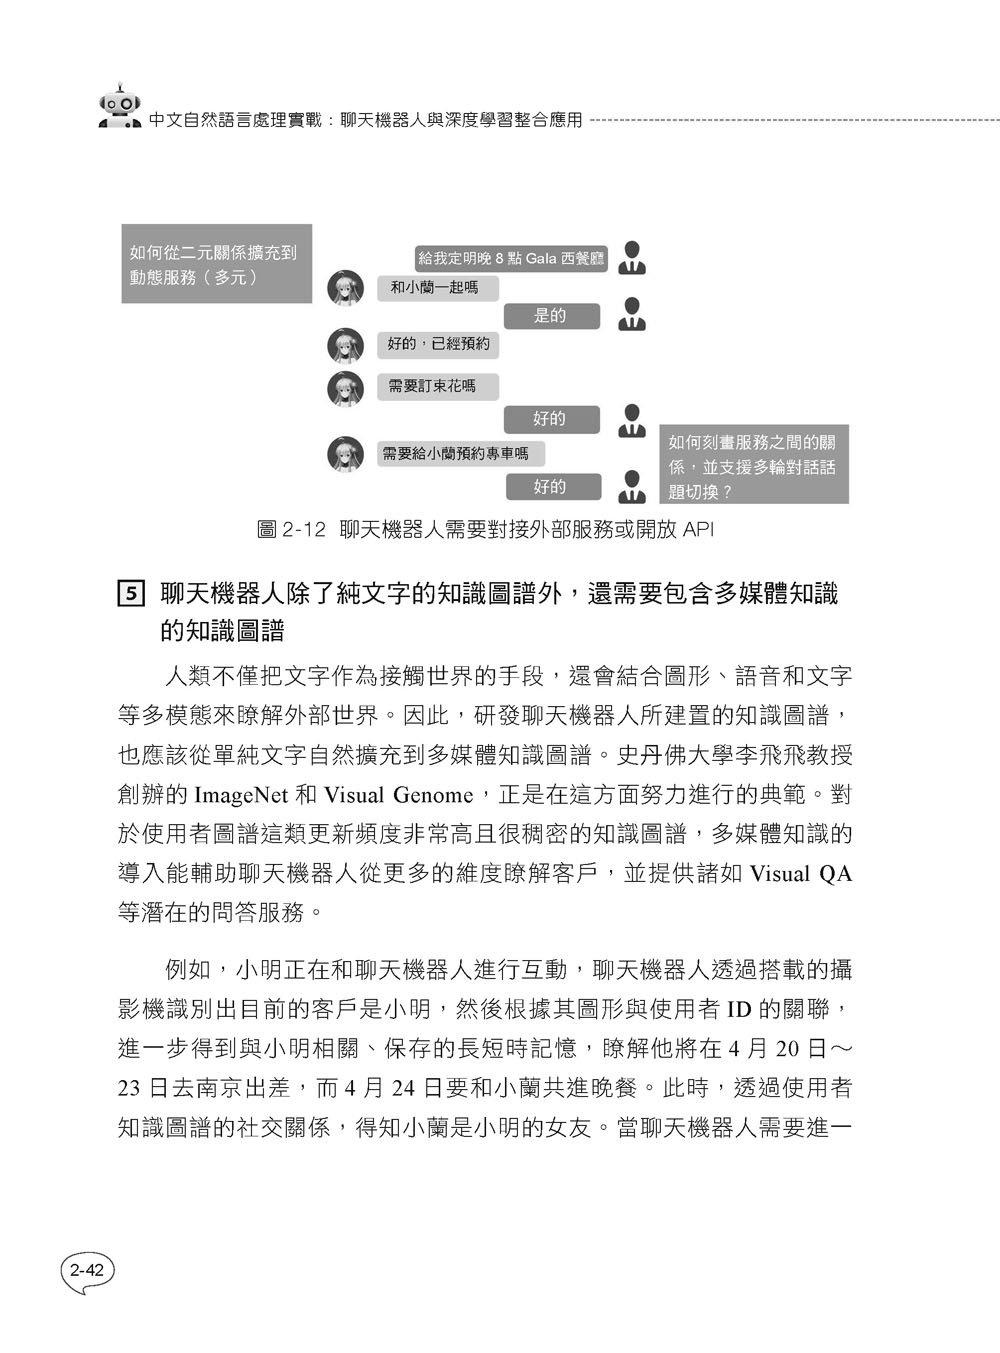 中文自然語言處理實戰:聊天機器人與深度學習整合應用-preview-14